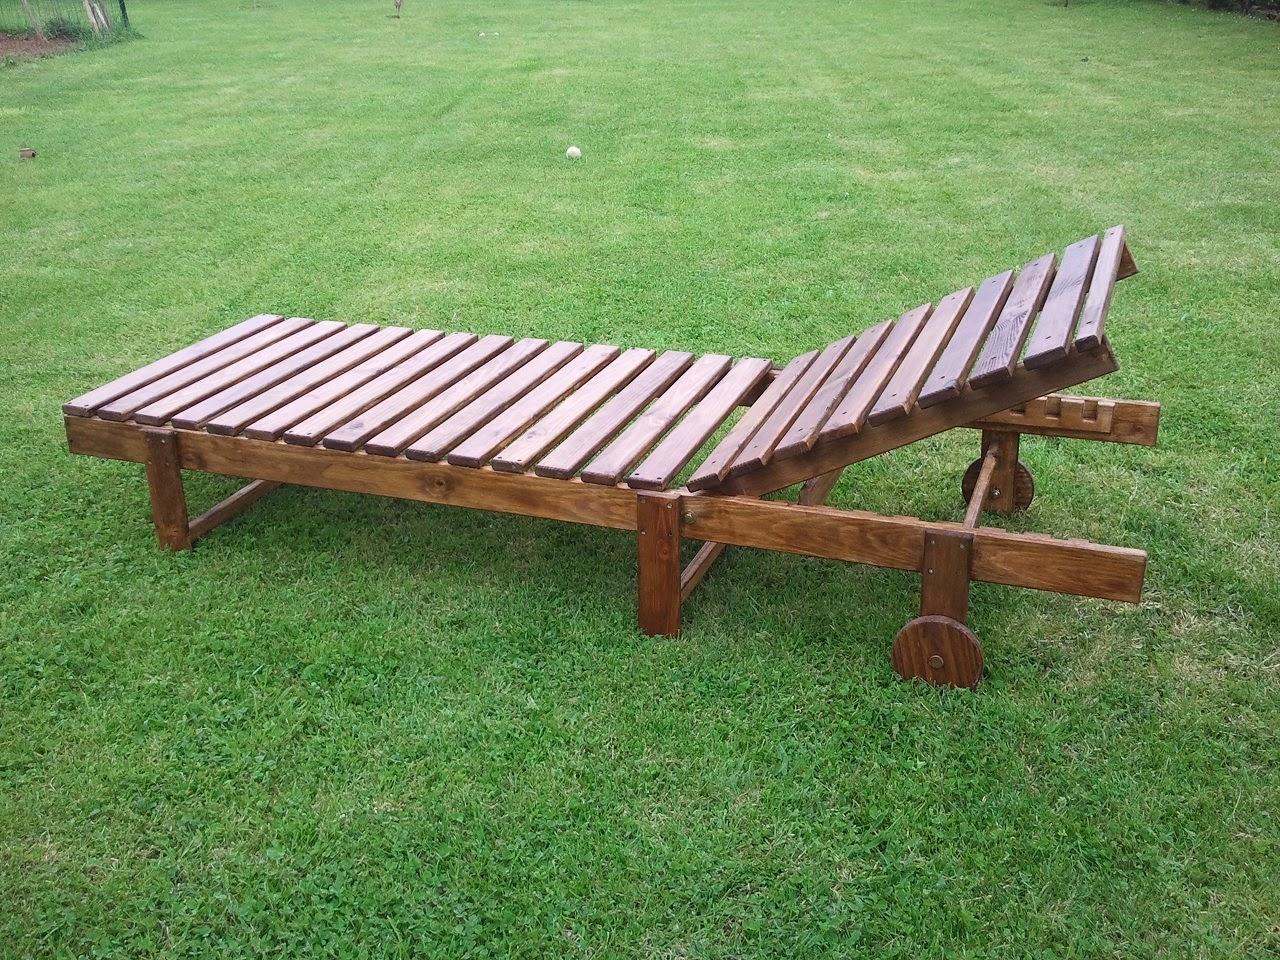 robusta hamaca de madera de mltiples posiciones con ruedas tratada con barniz para exteriores precio 85 sin tratamiento para exterior - Hamacas De Madera